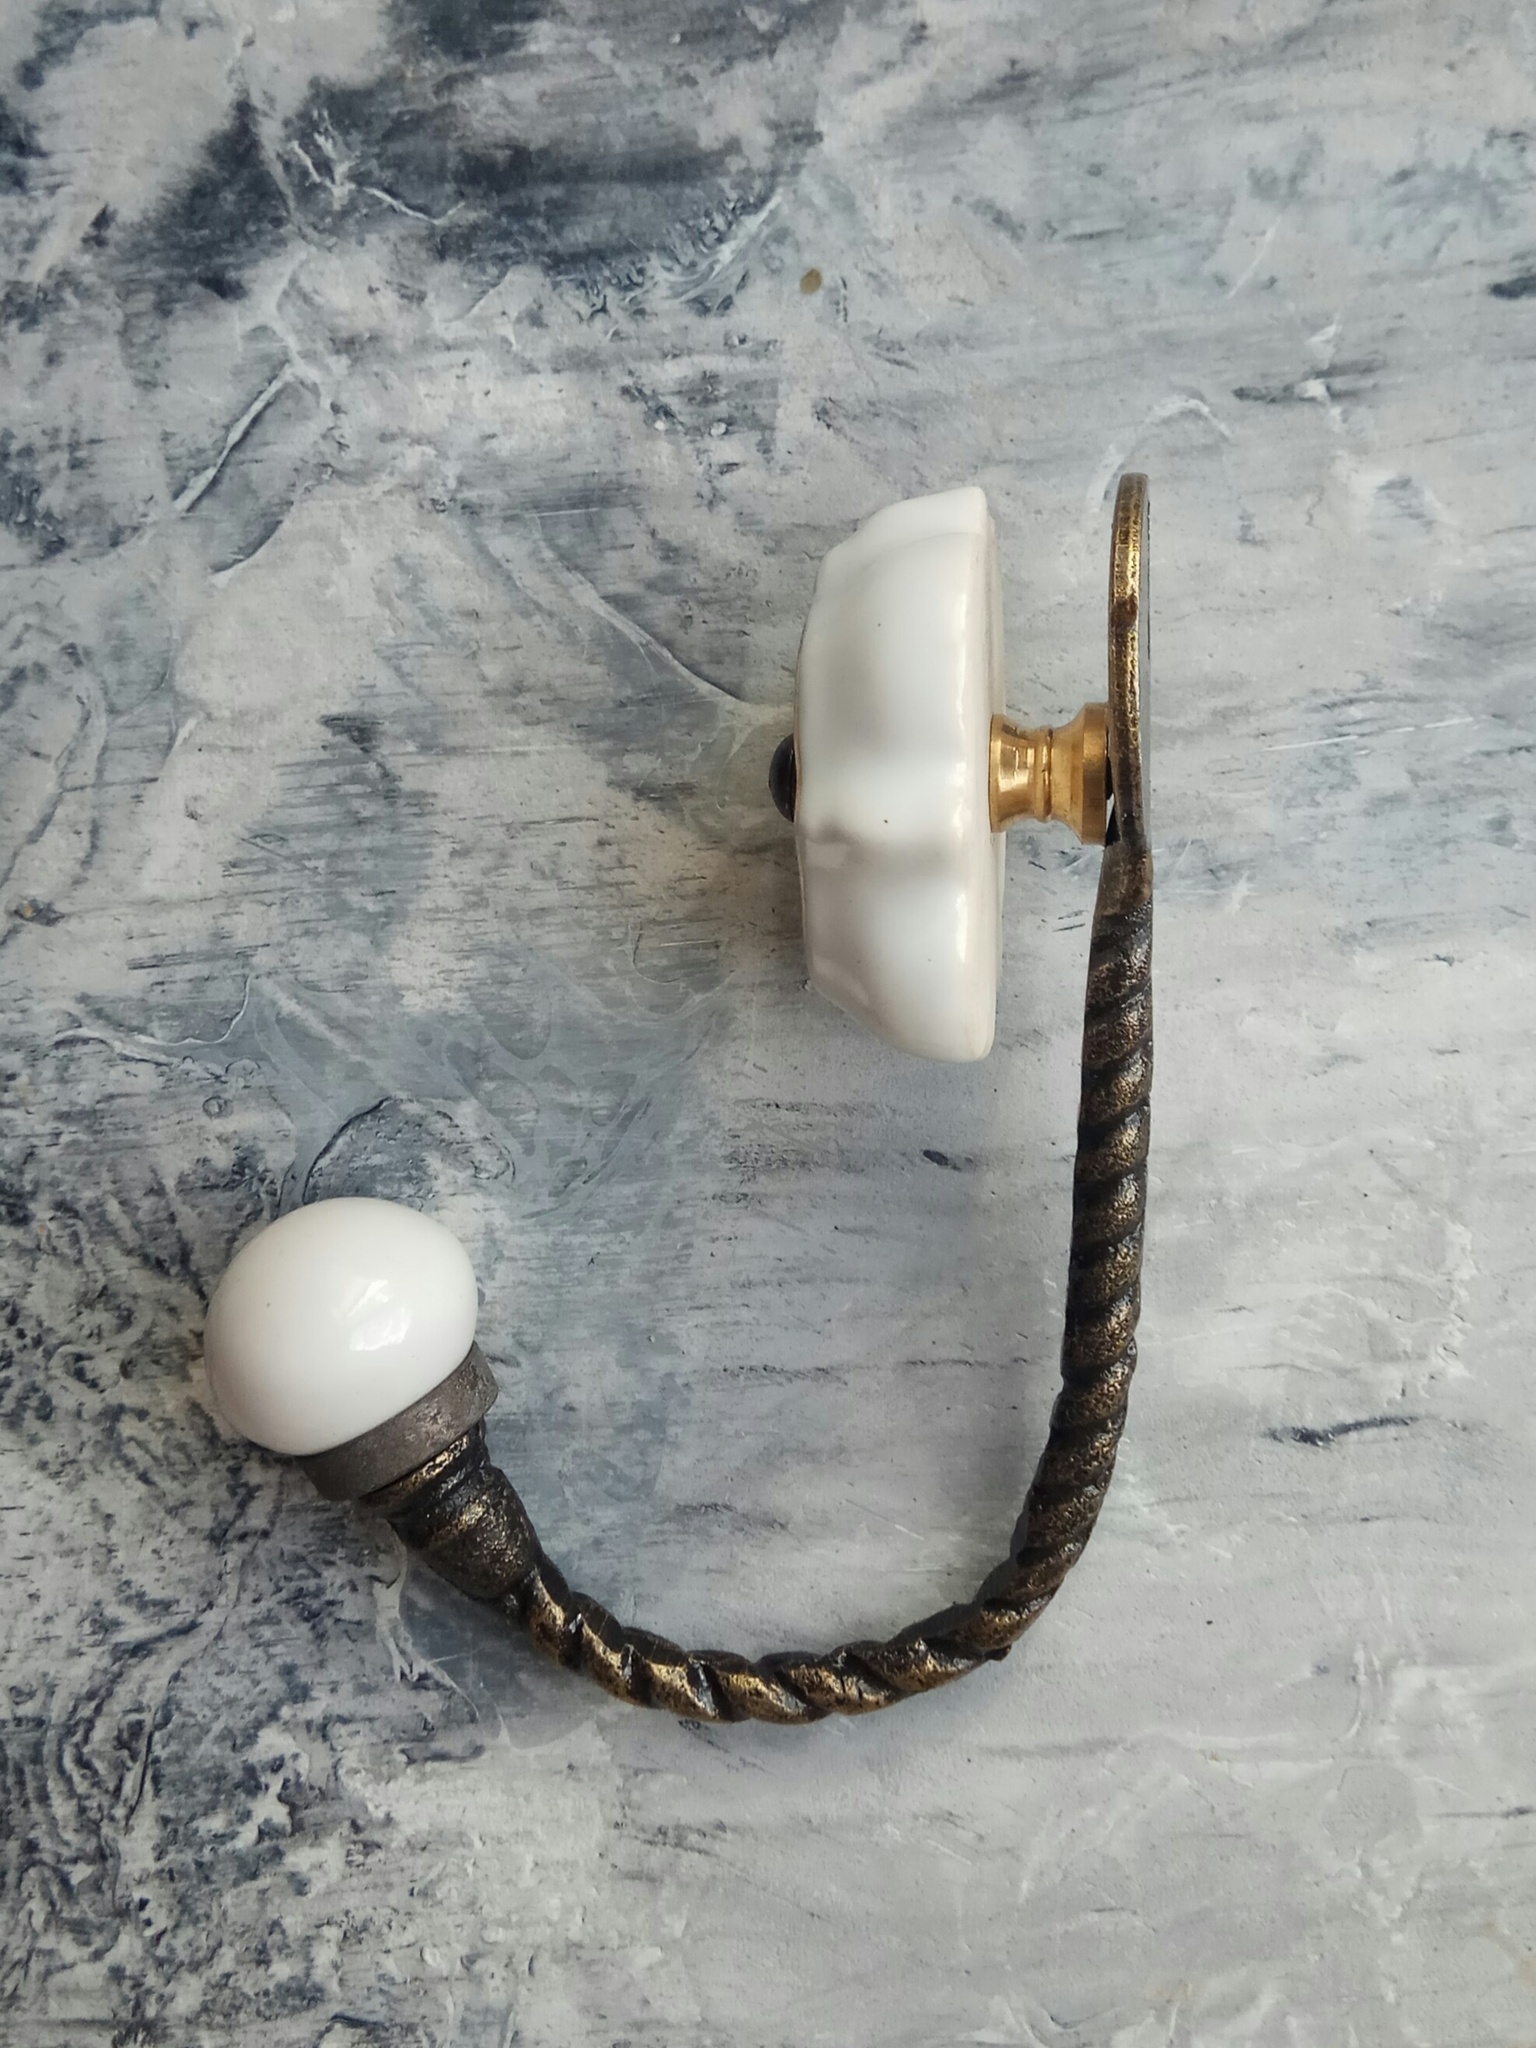 Крючок металлический,  с керамической вставкой бирюзового цвета,  антик